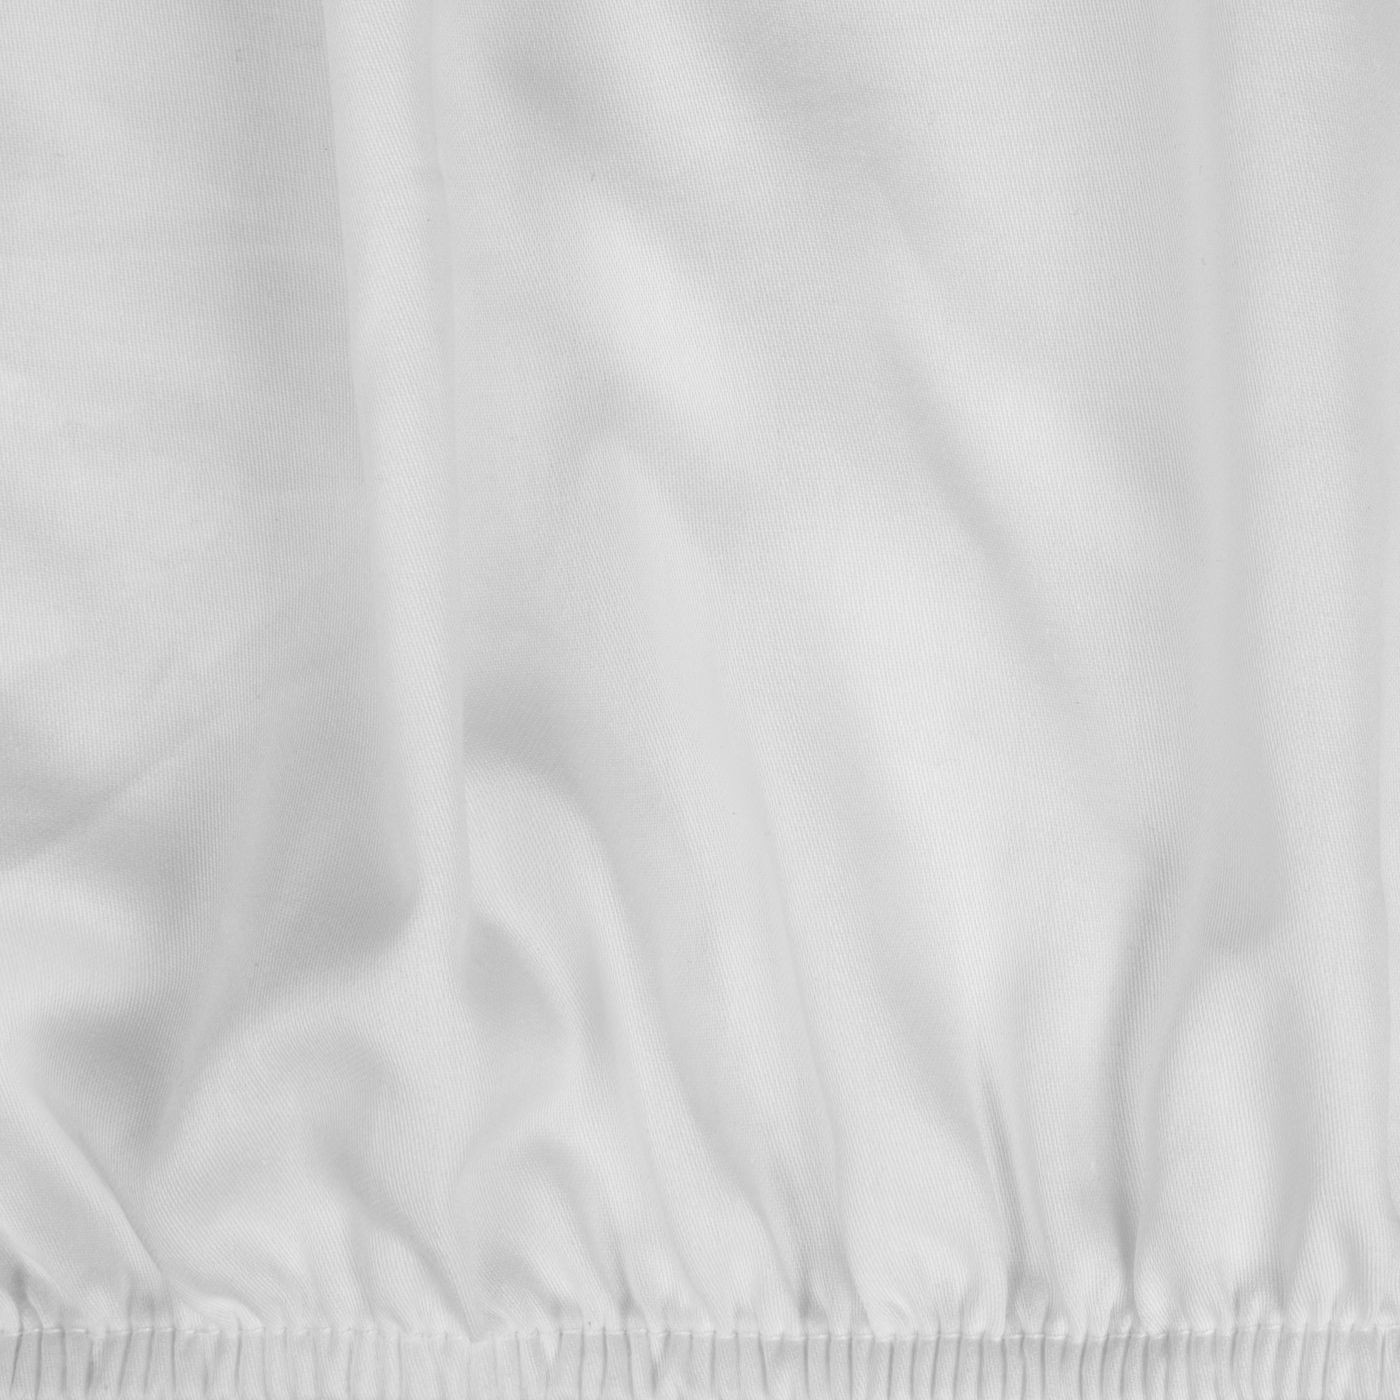 Prześcieradło z makosatyny gładkie 220x200+30cm kolor biały